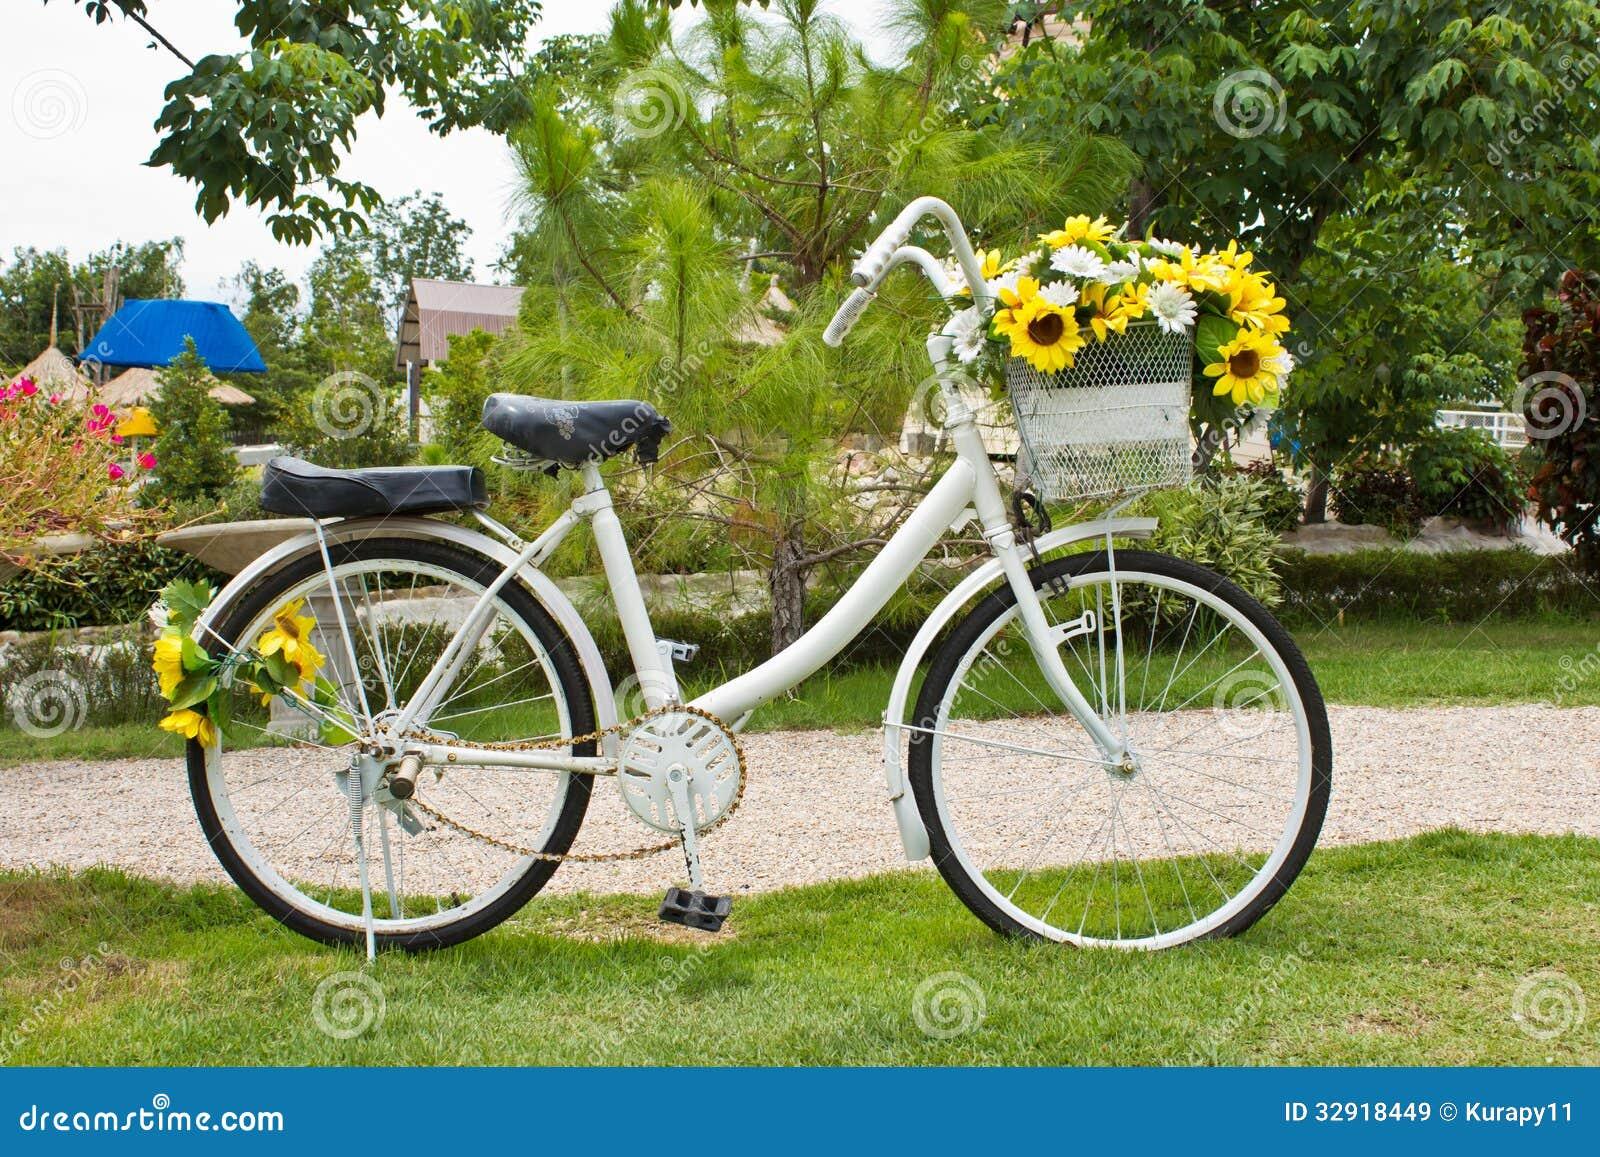 flor de jardim amarela:flor amarela em um branco velho decorativo pintou a bicicleta no